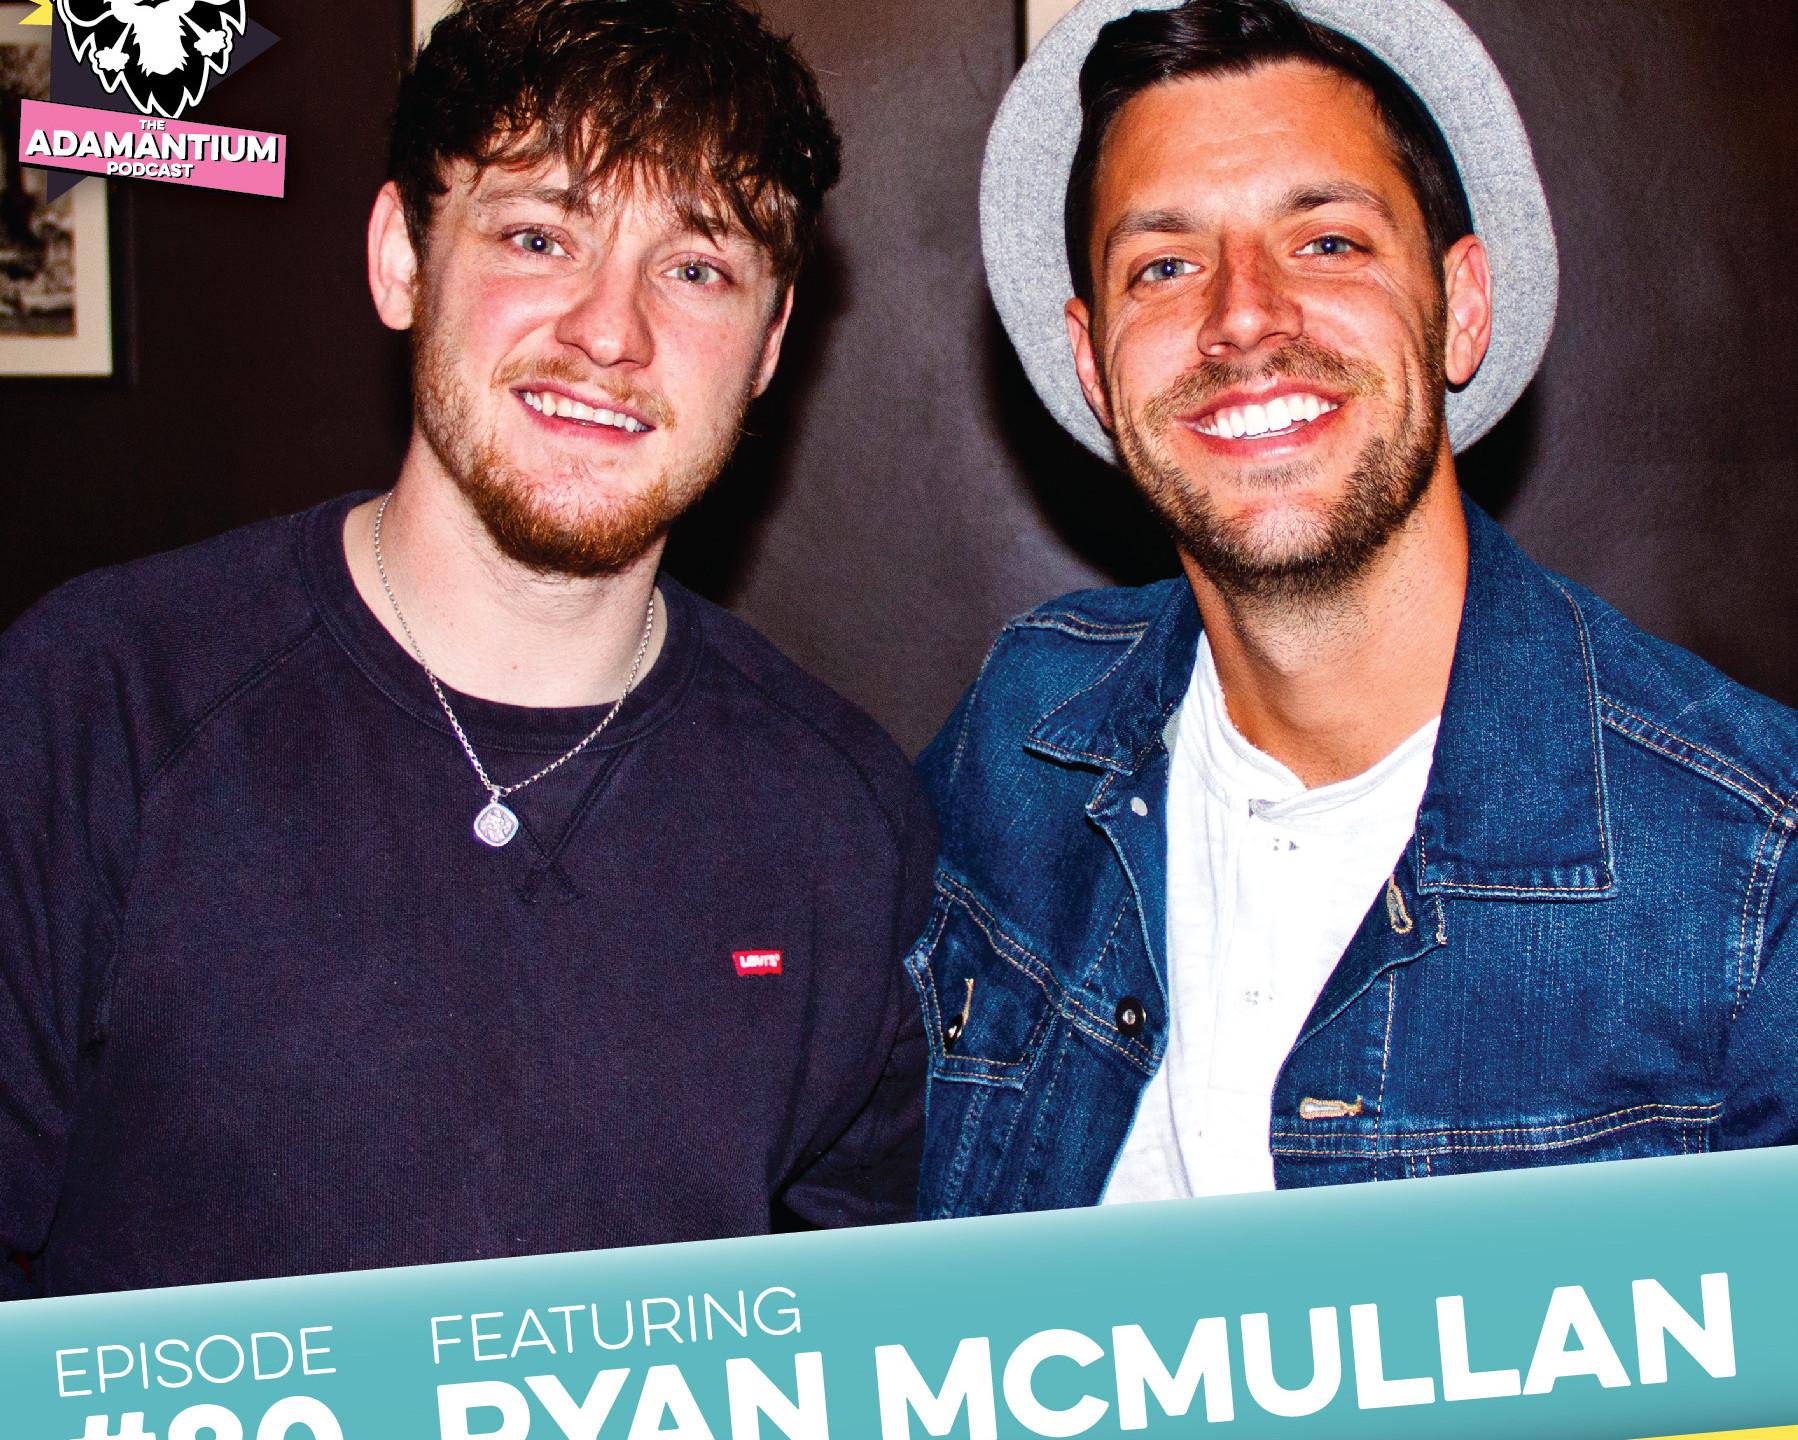 E80 Ryan McMullan